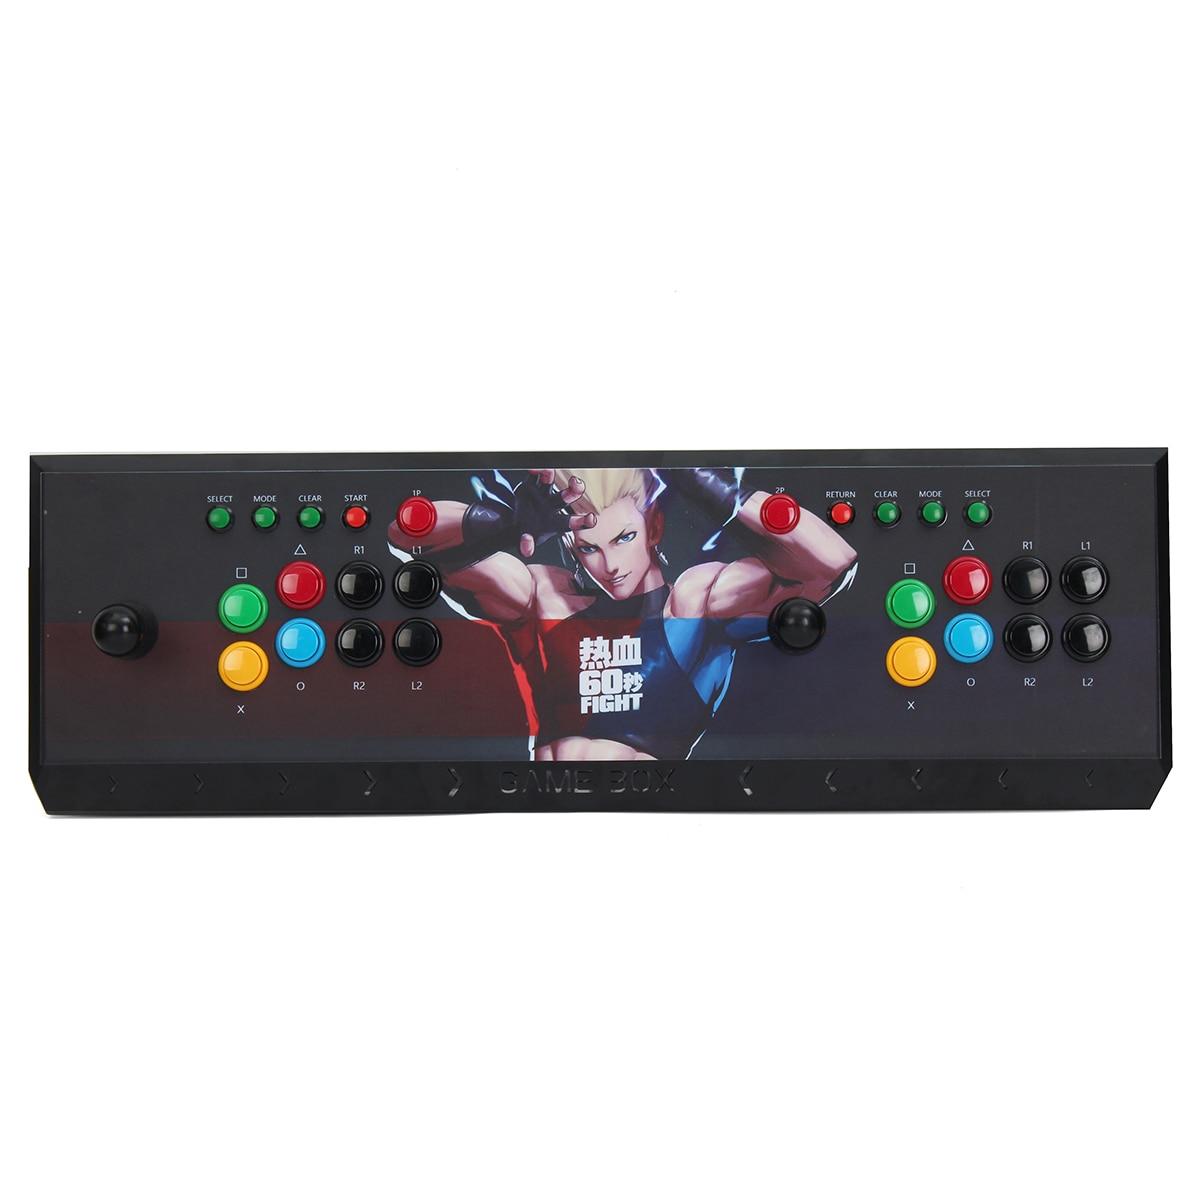 815 классические игры ретро аркады игровой консоли комплект 2 игроков HDMI, VGA, usb Джойстик pc игры видео для ps3 монет работает игры